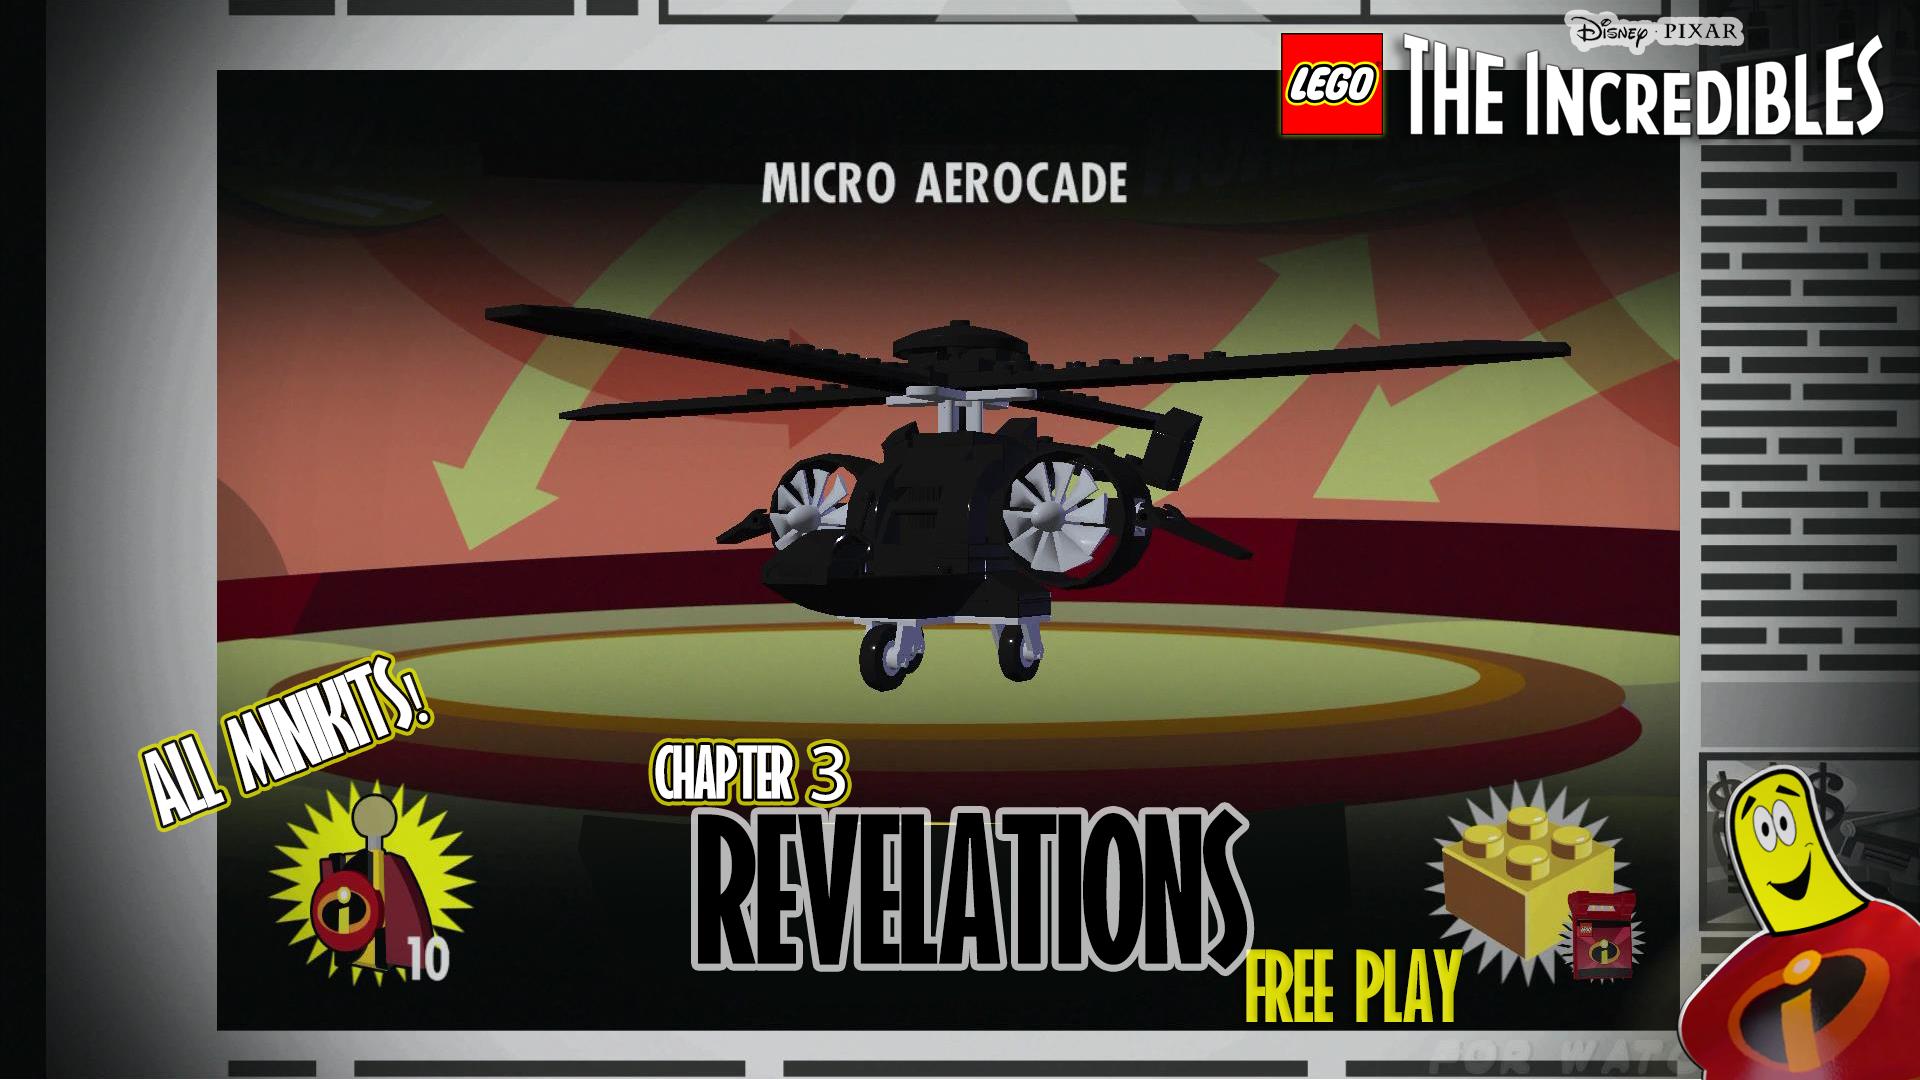 LegoIncredChapter3FREEPLAYThumb